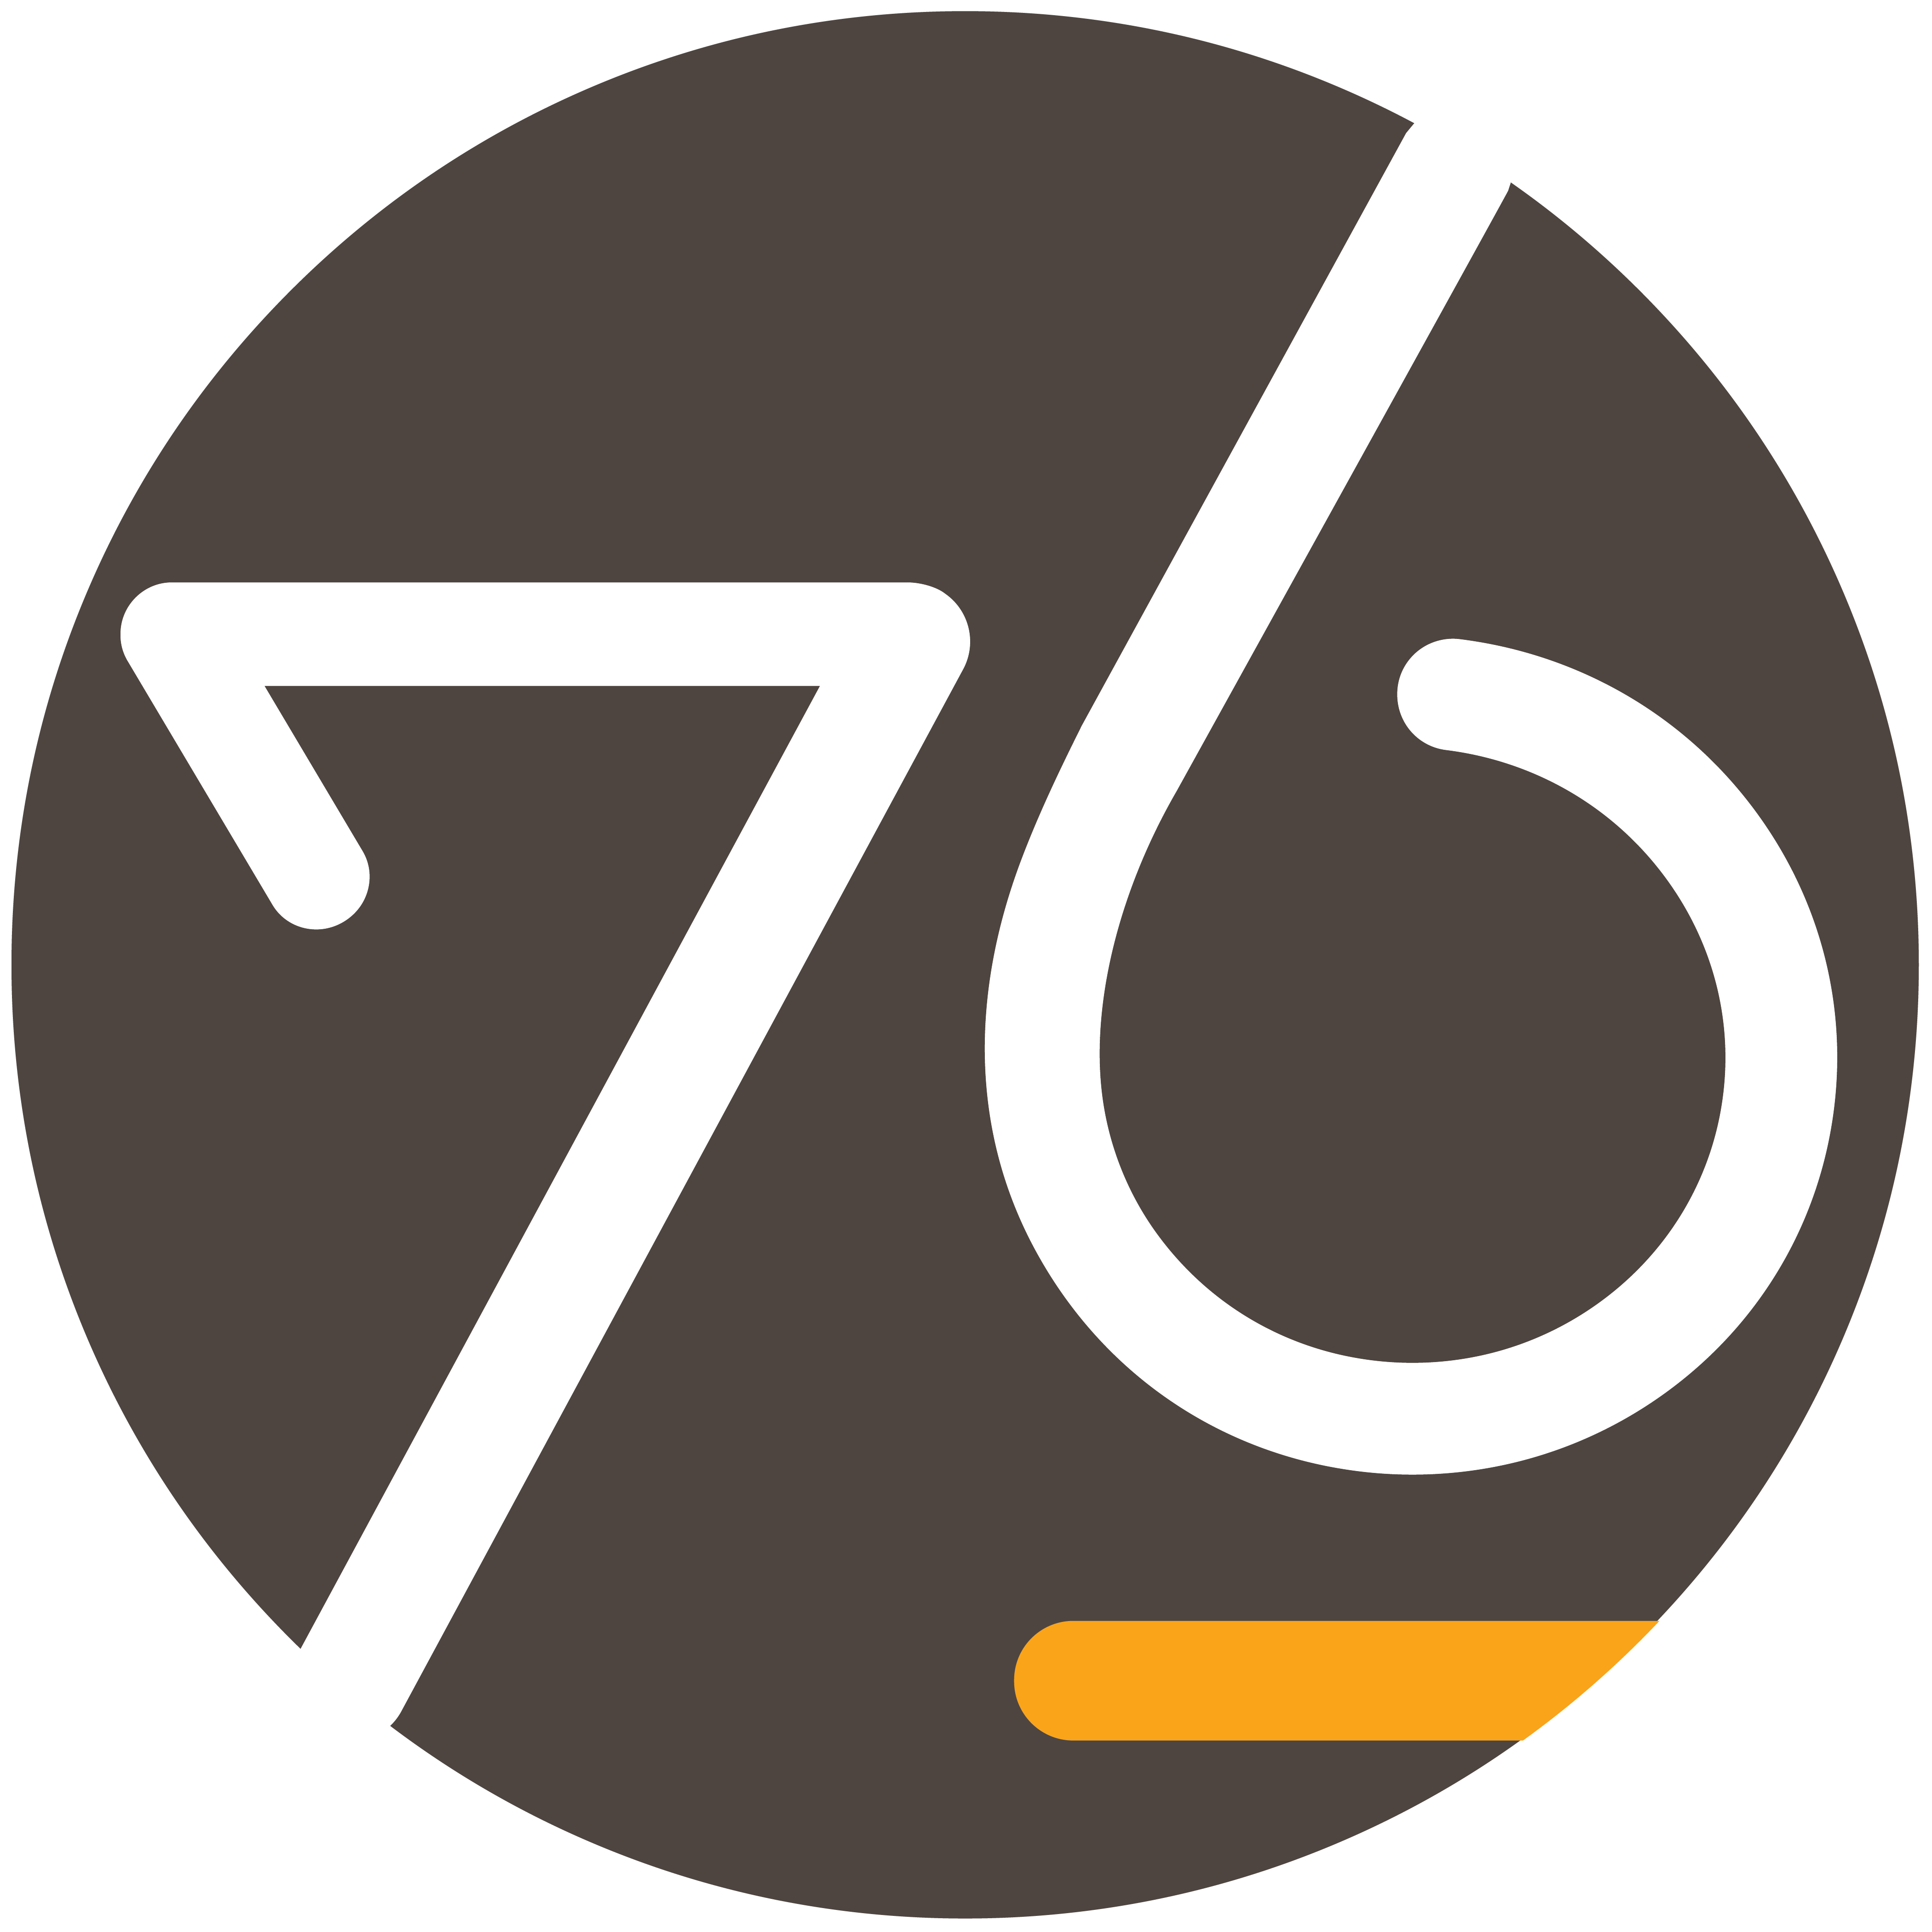 System76 logo